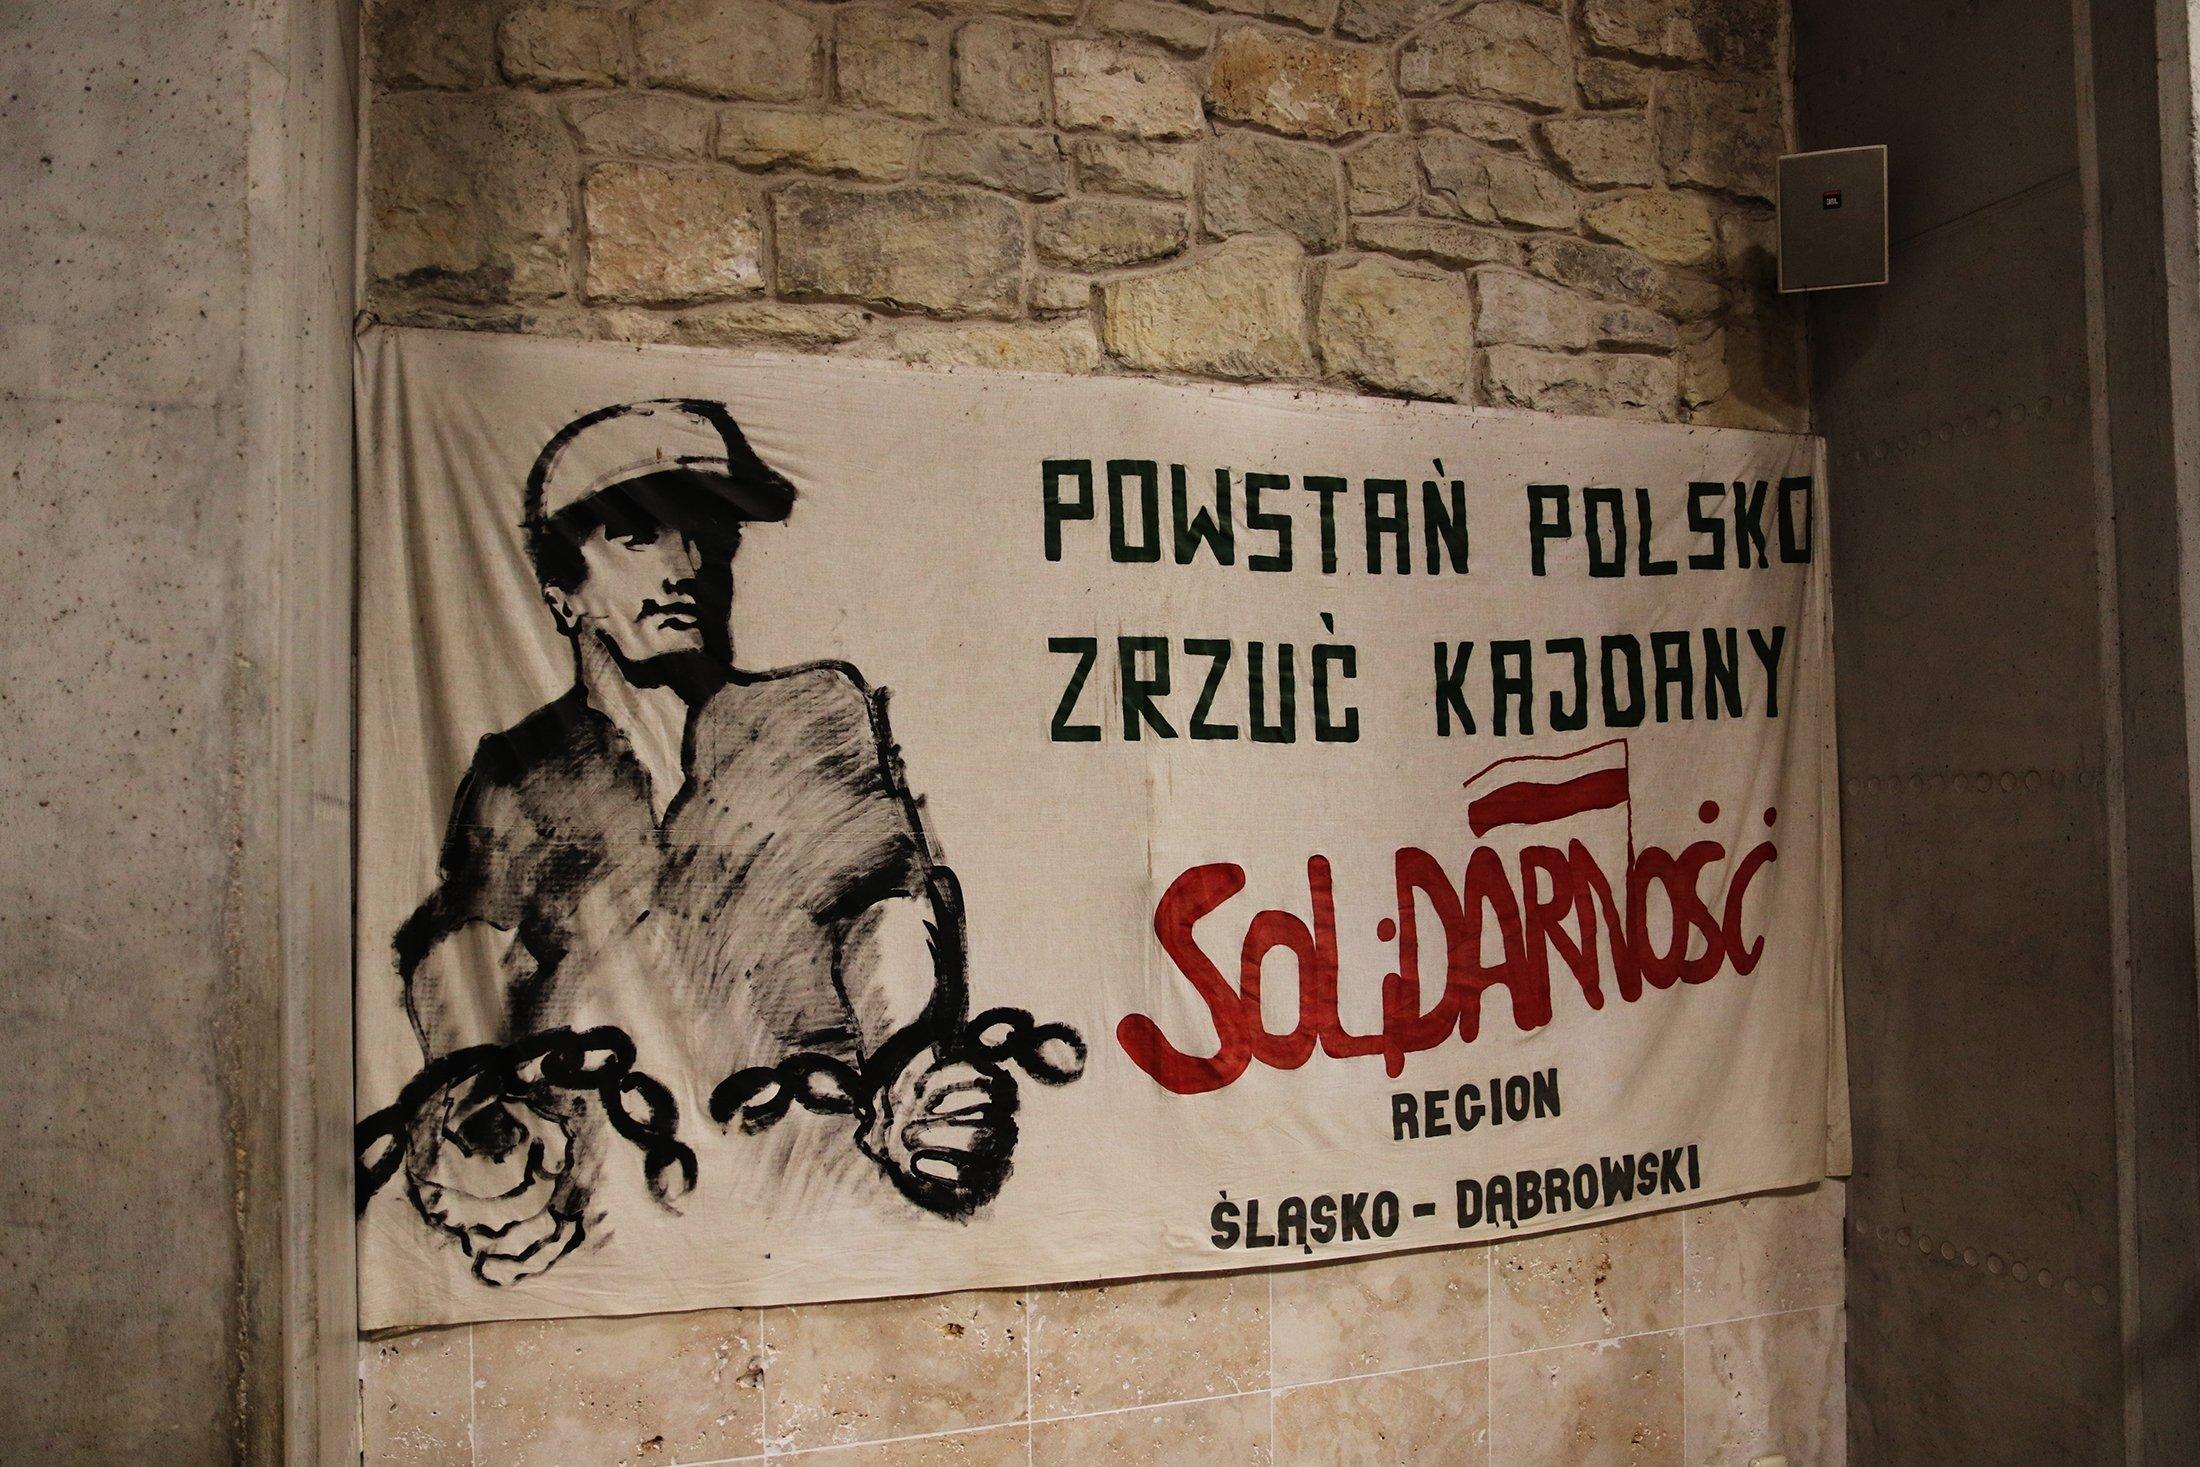 Flaga Związku Solidarności w Polsce.  (zdjęcia Shutterstock)